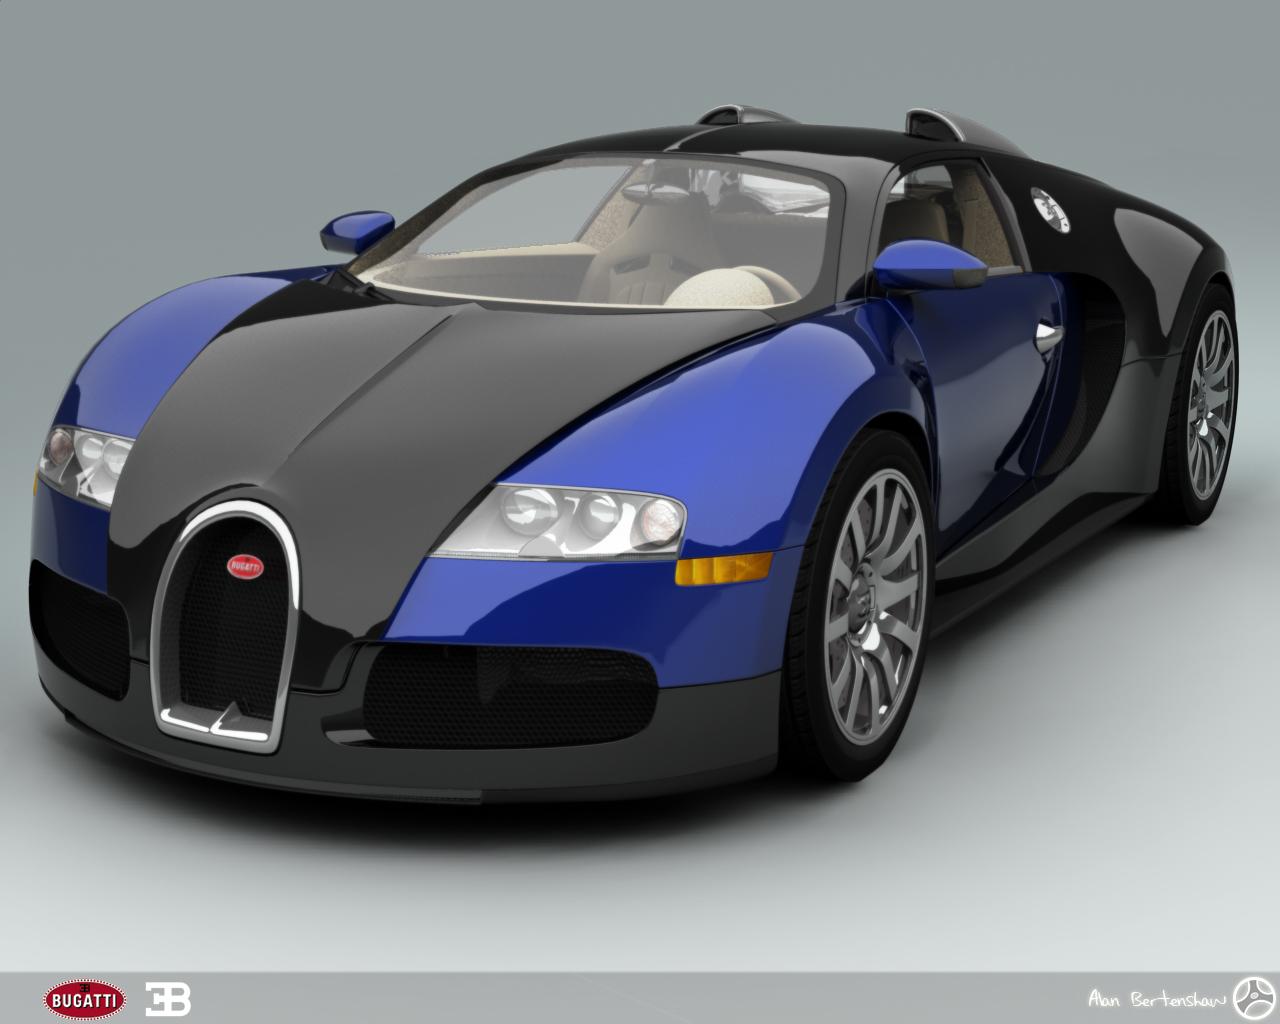 Bugatti Cars 2 Free Car Hd Wallpaper